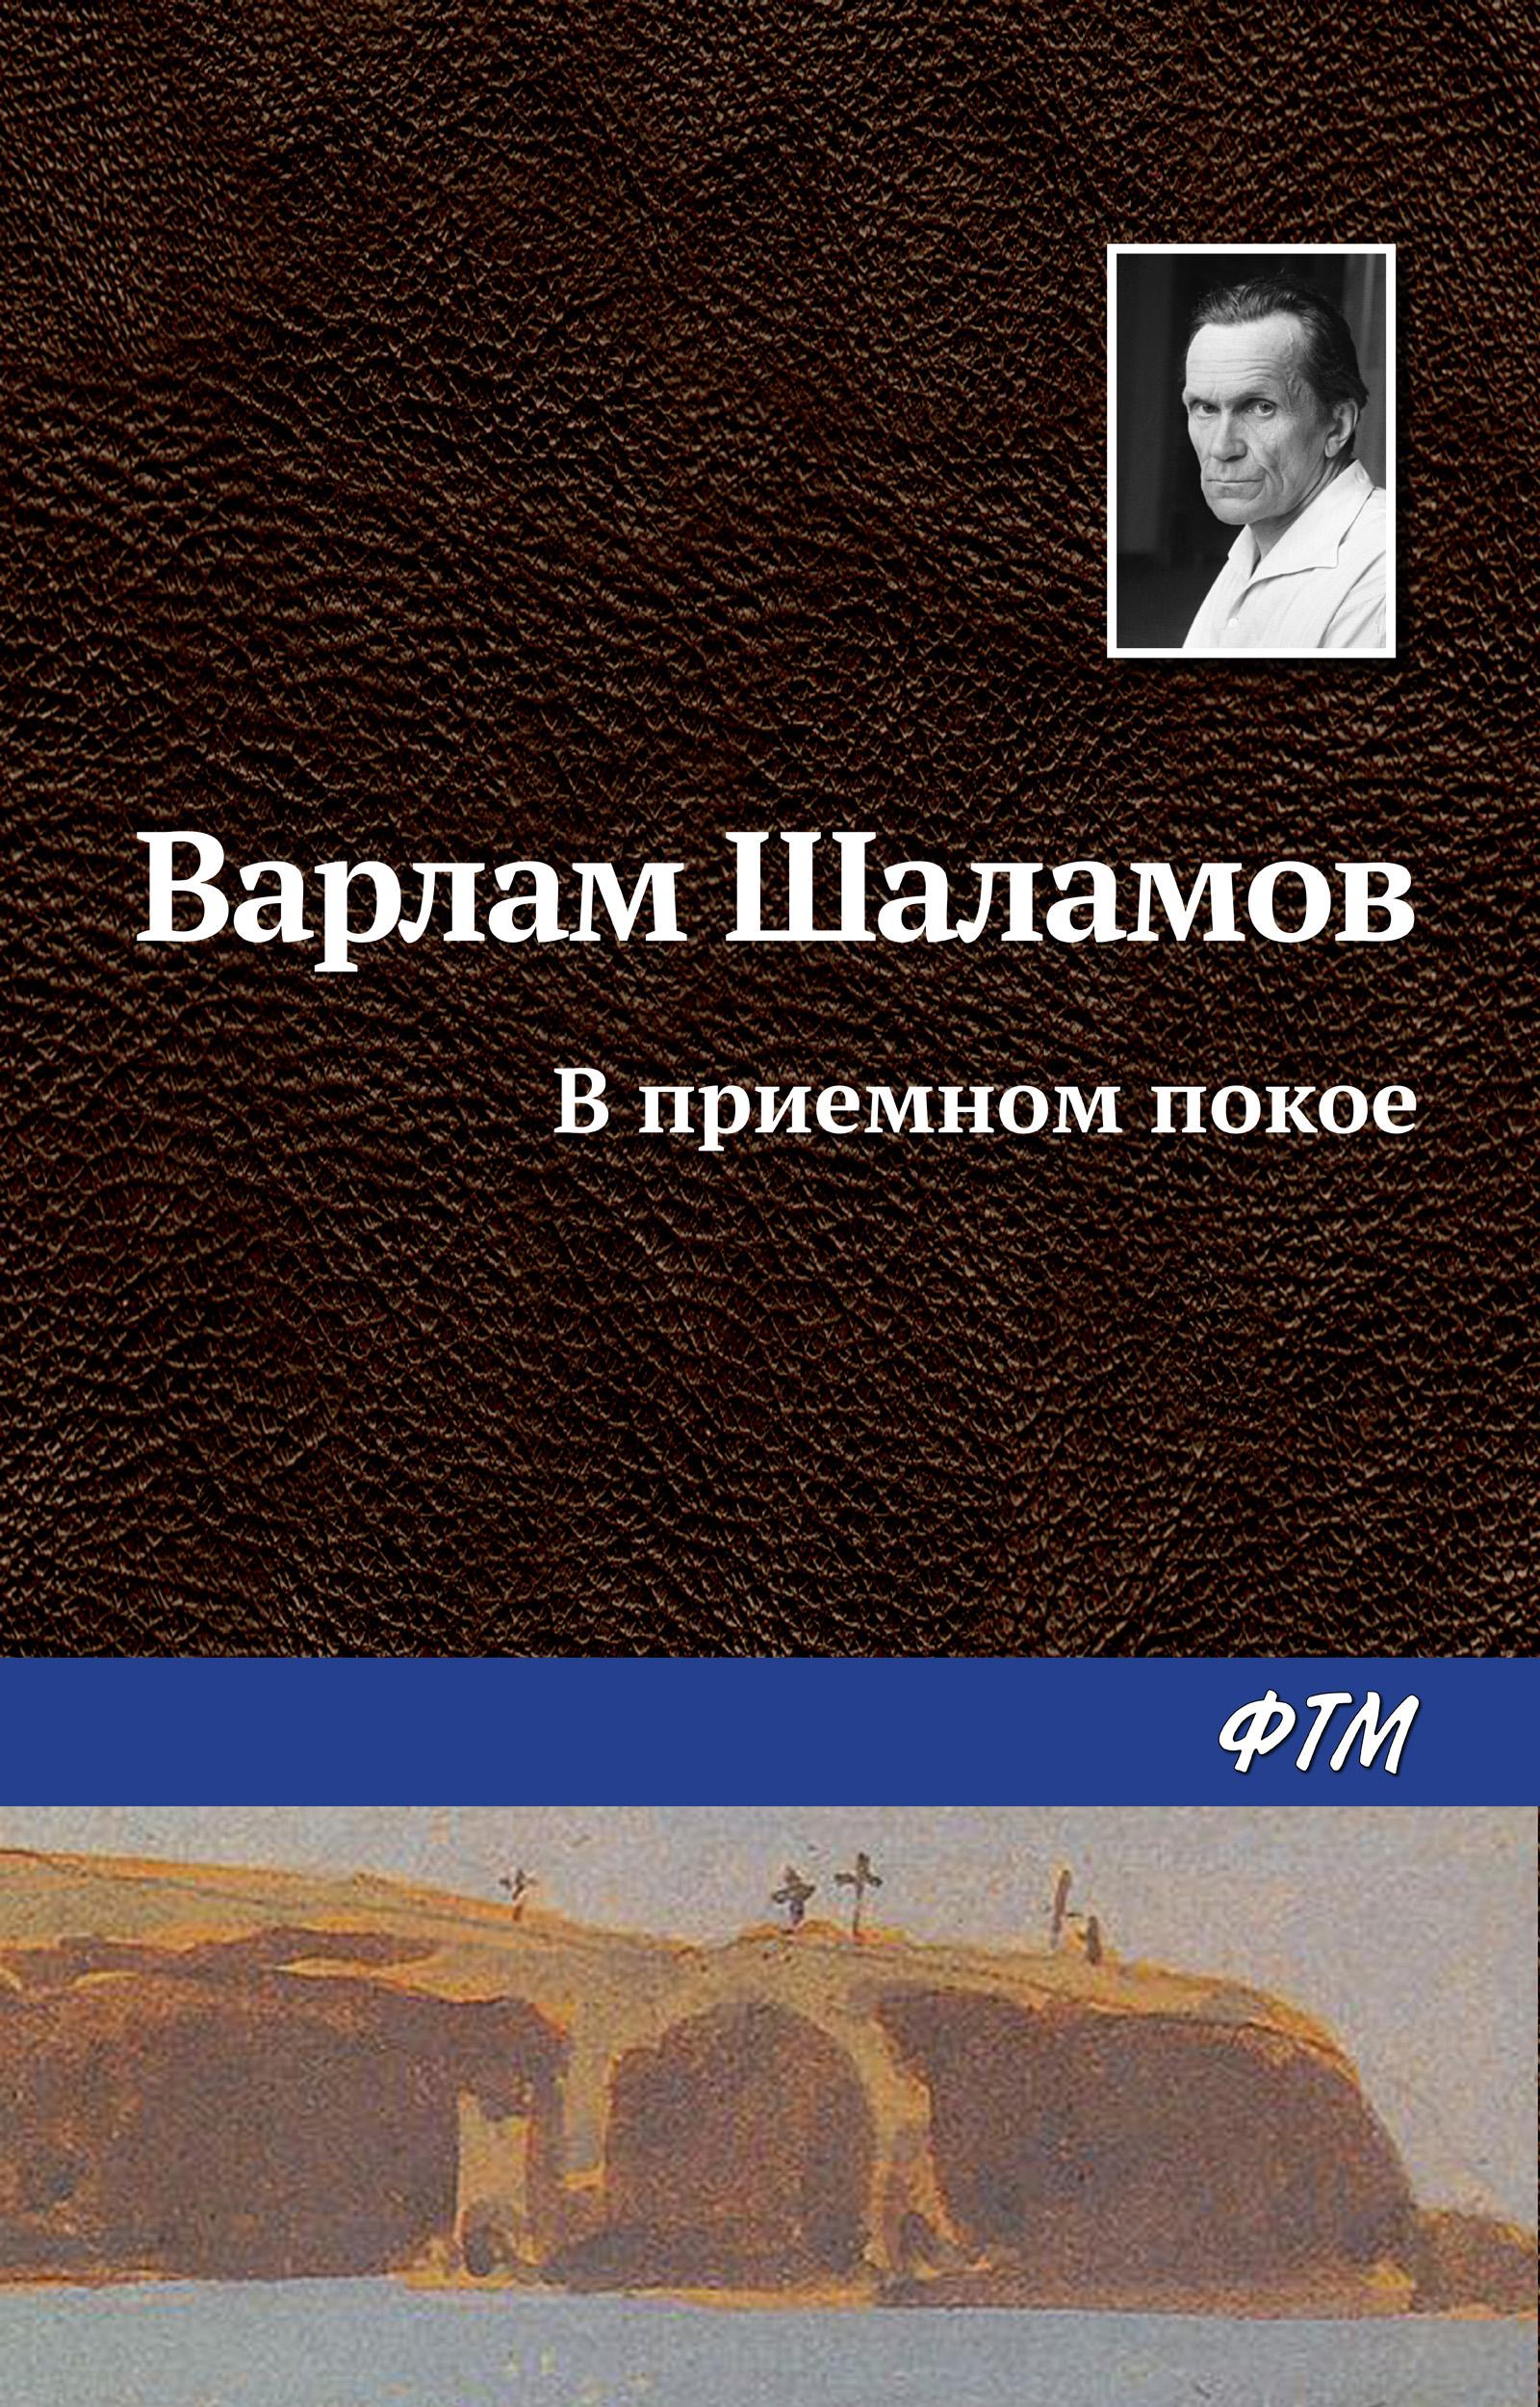 Варлам Шаламов В приемном покое эндрю равик оставь себя в покое